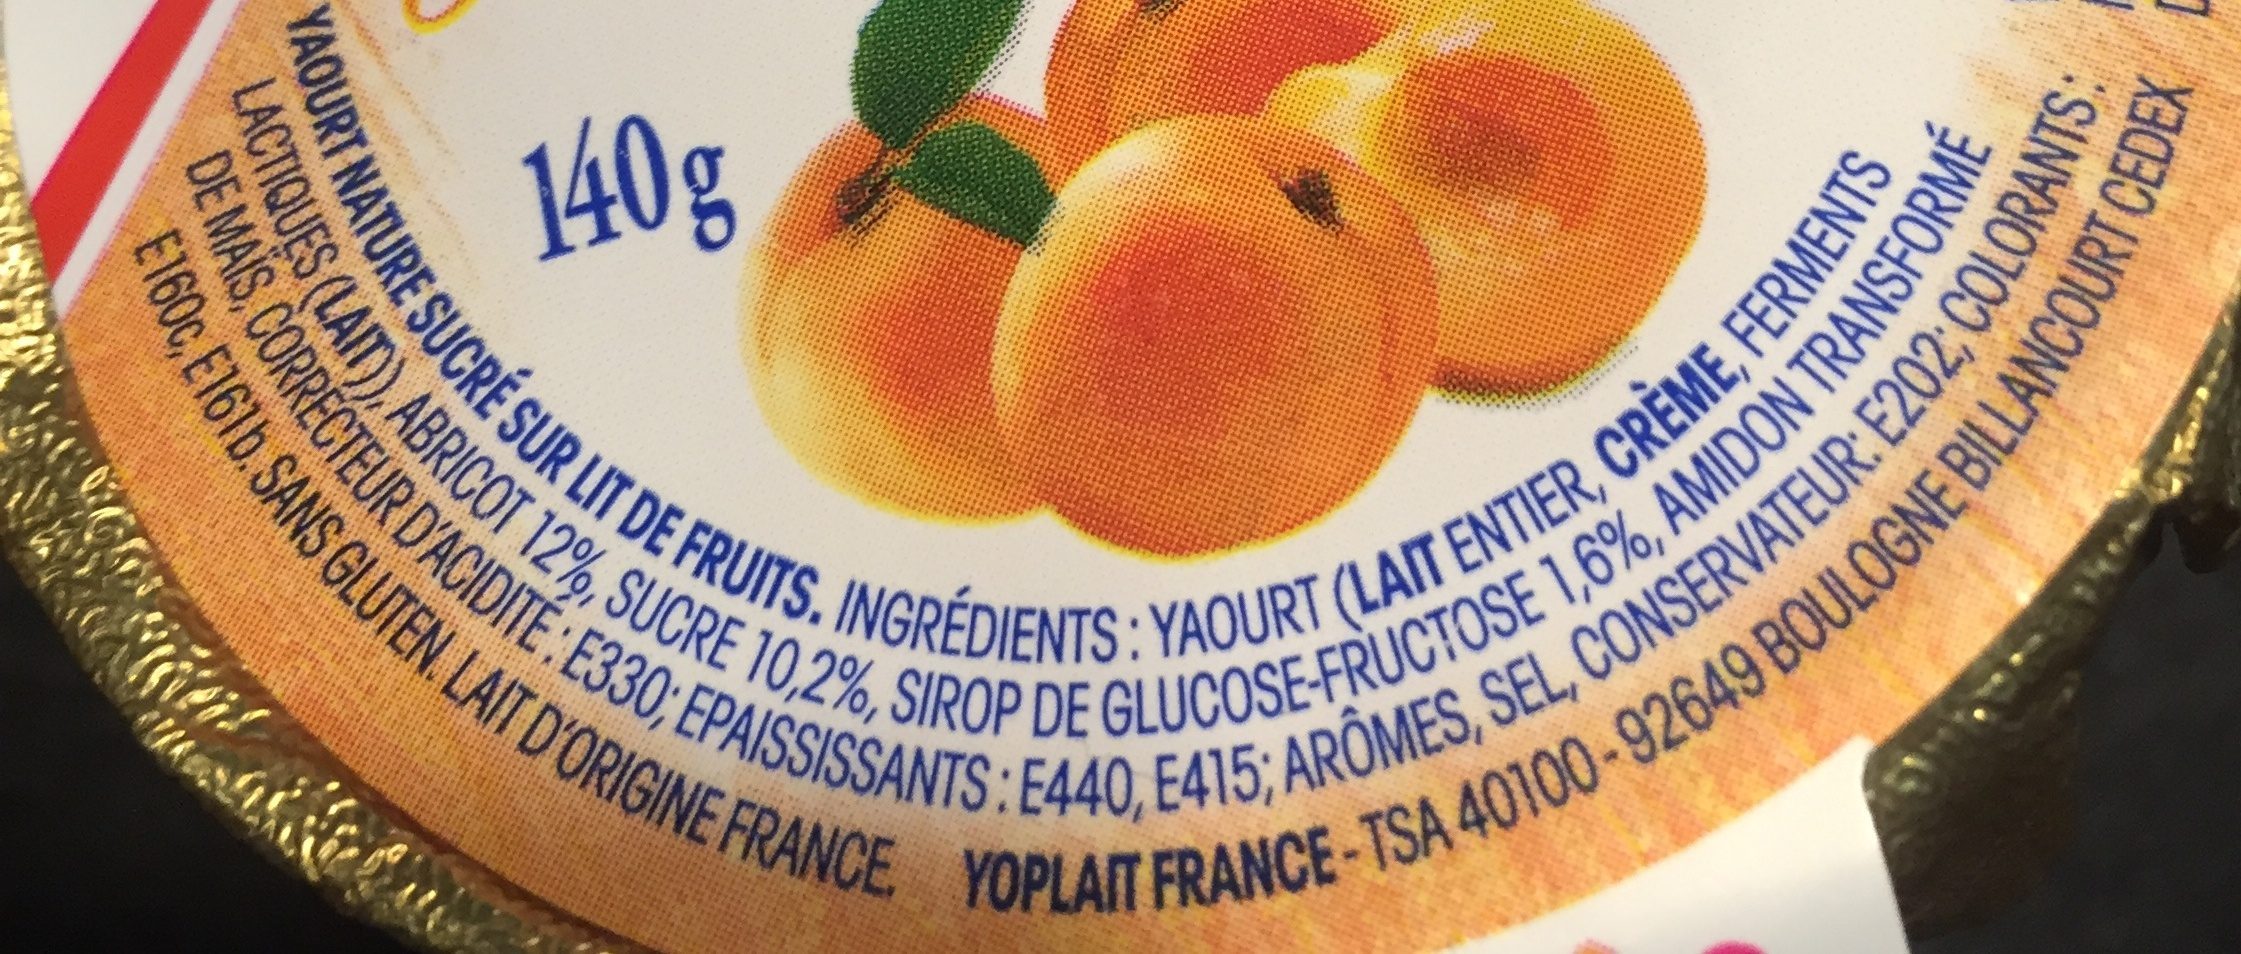 Yaourt nature sucré sur lit de fruits, aromatisé - Ingredientes - fr